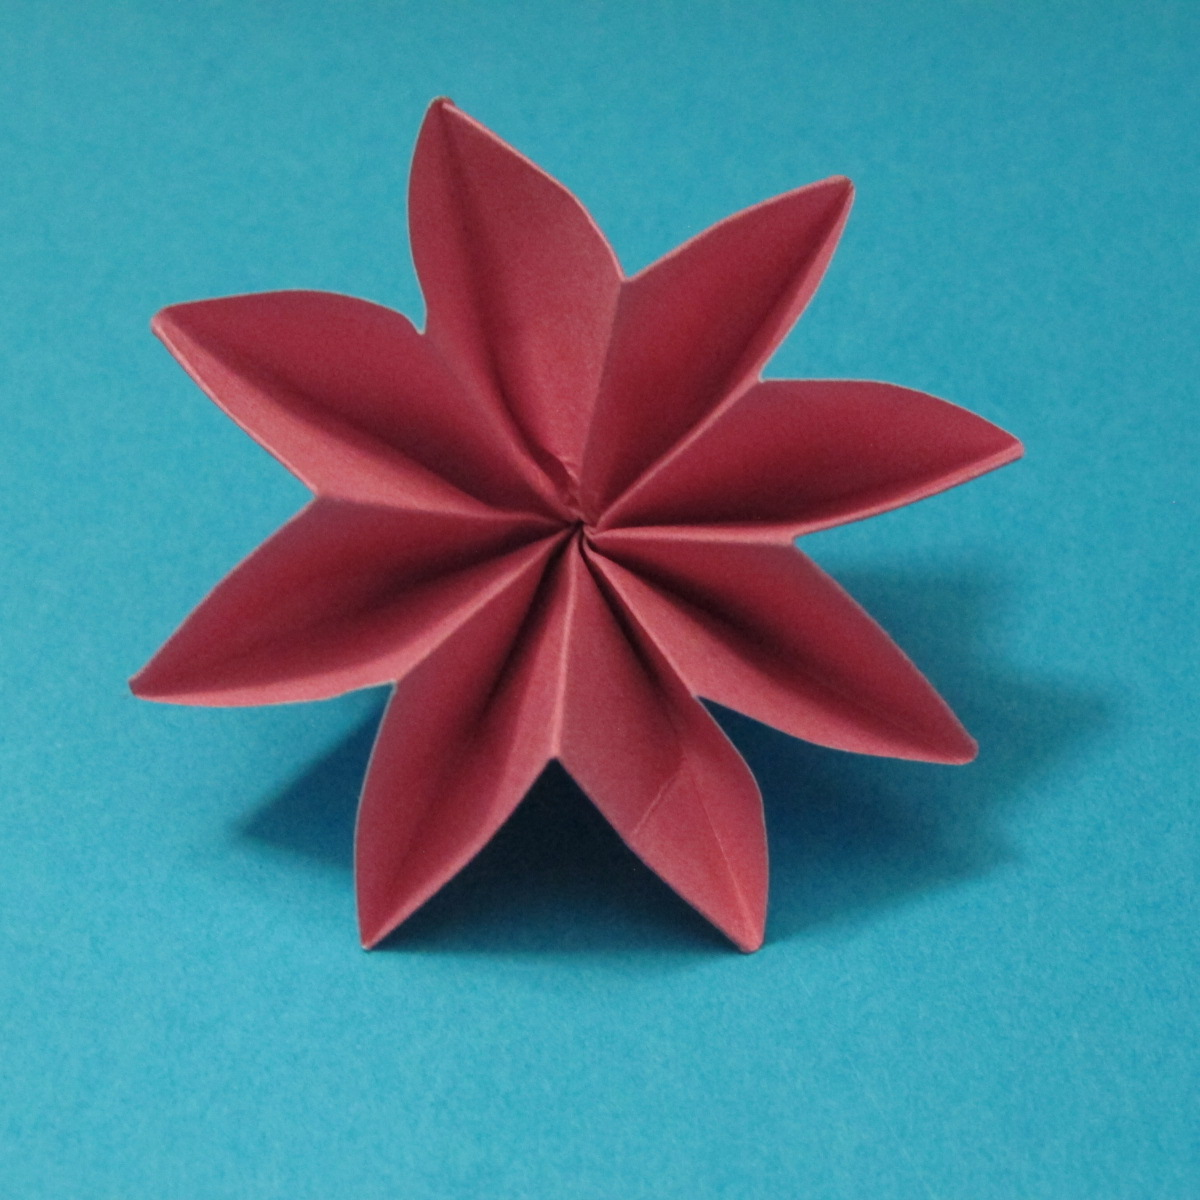 วิธีการพับกระดาษเป็นดอกไม้แปดกลีบ 019